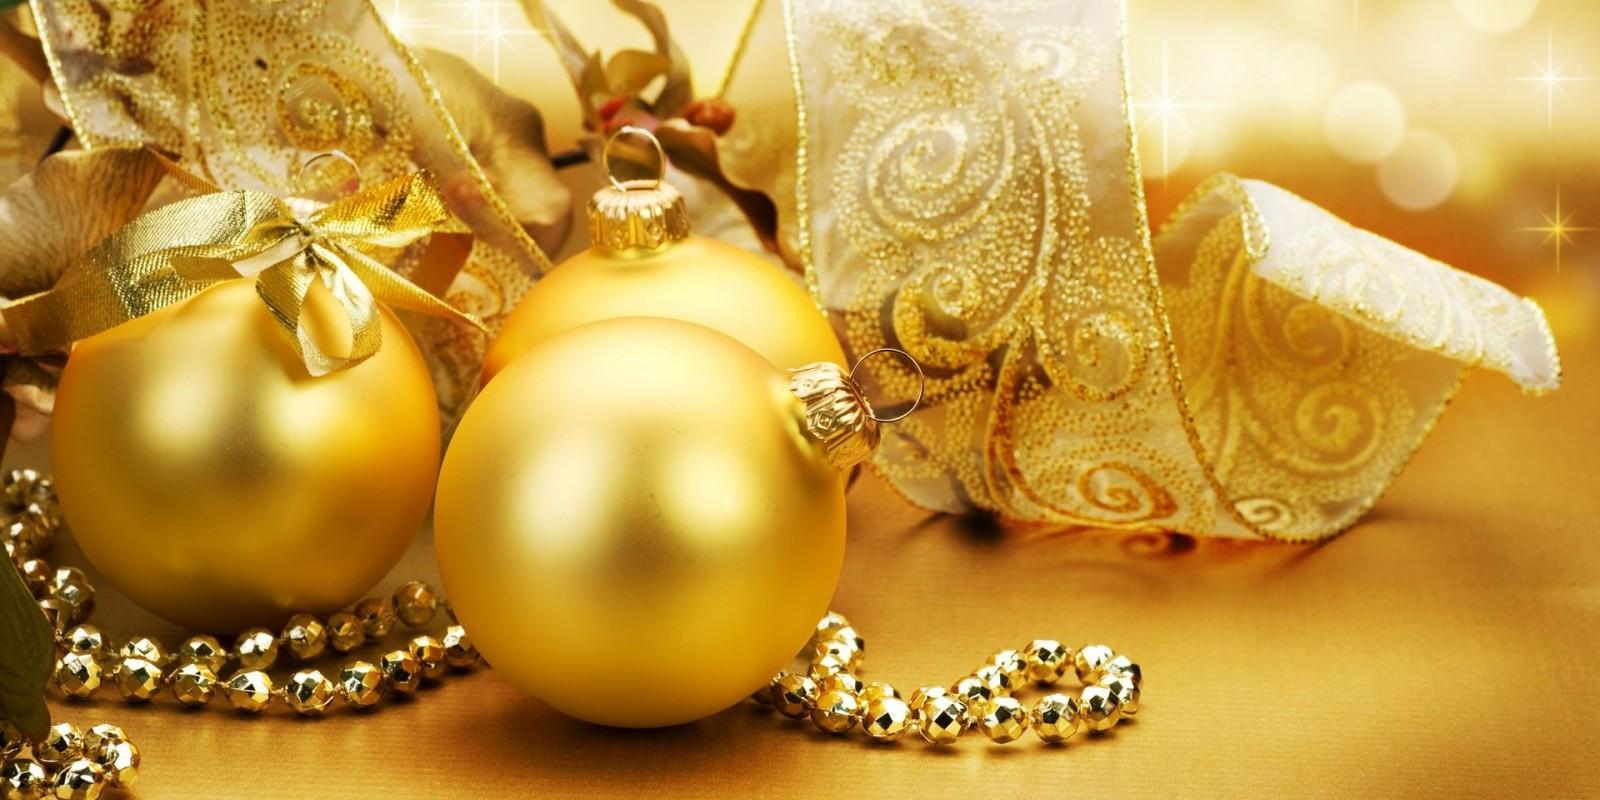 Immagini Delle Feste Natalizie.Immagini Delle Feste Natalizie Disegni Di Natale 2019